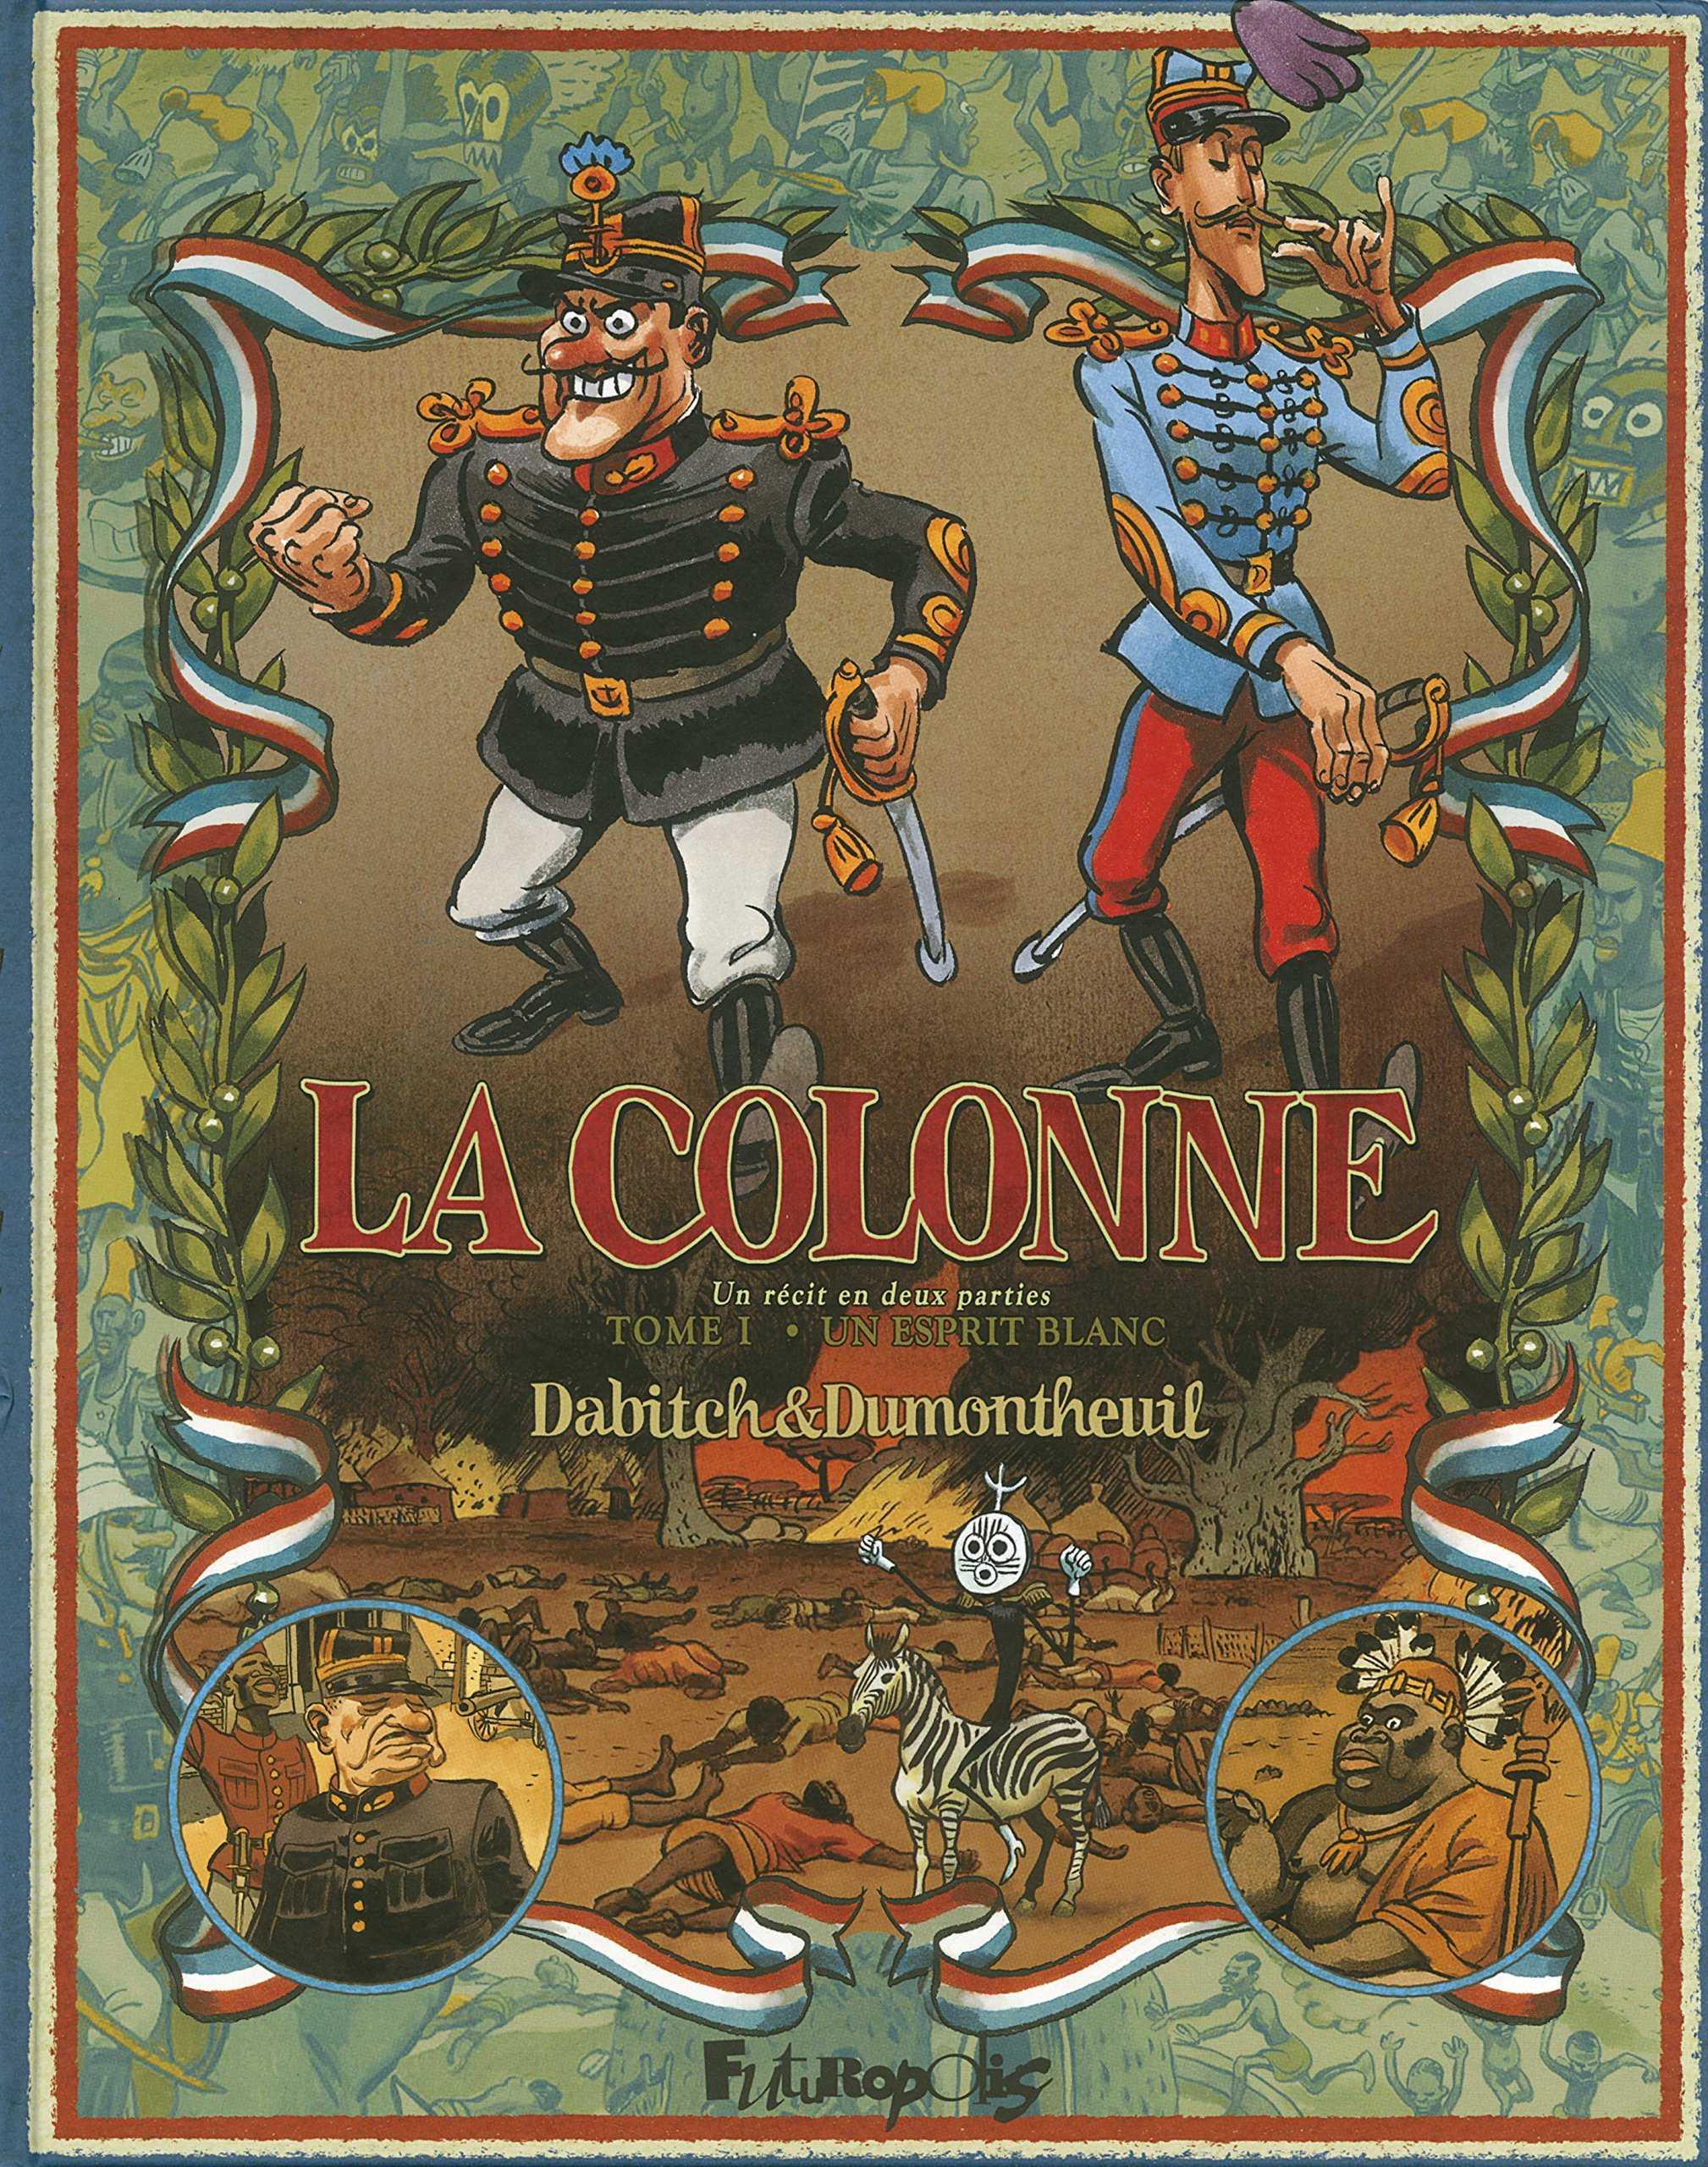 """La Colonne, le """"bon vieux temps"""" des colonies"""